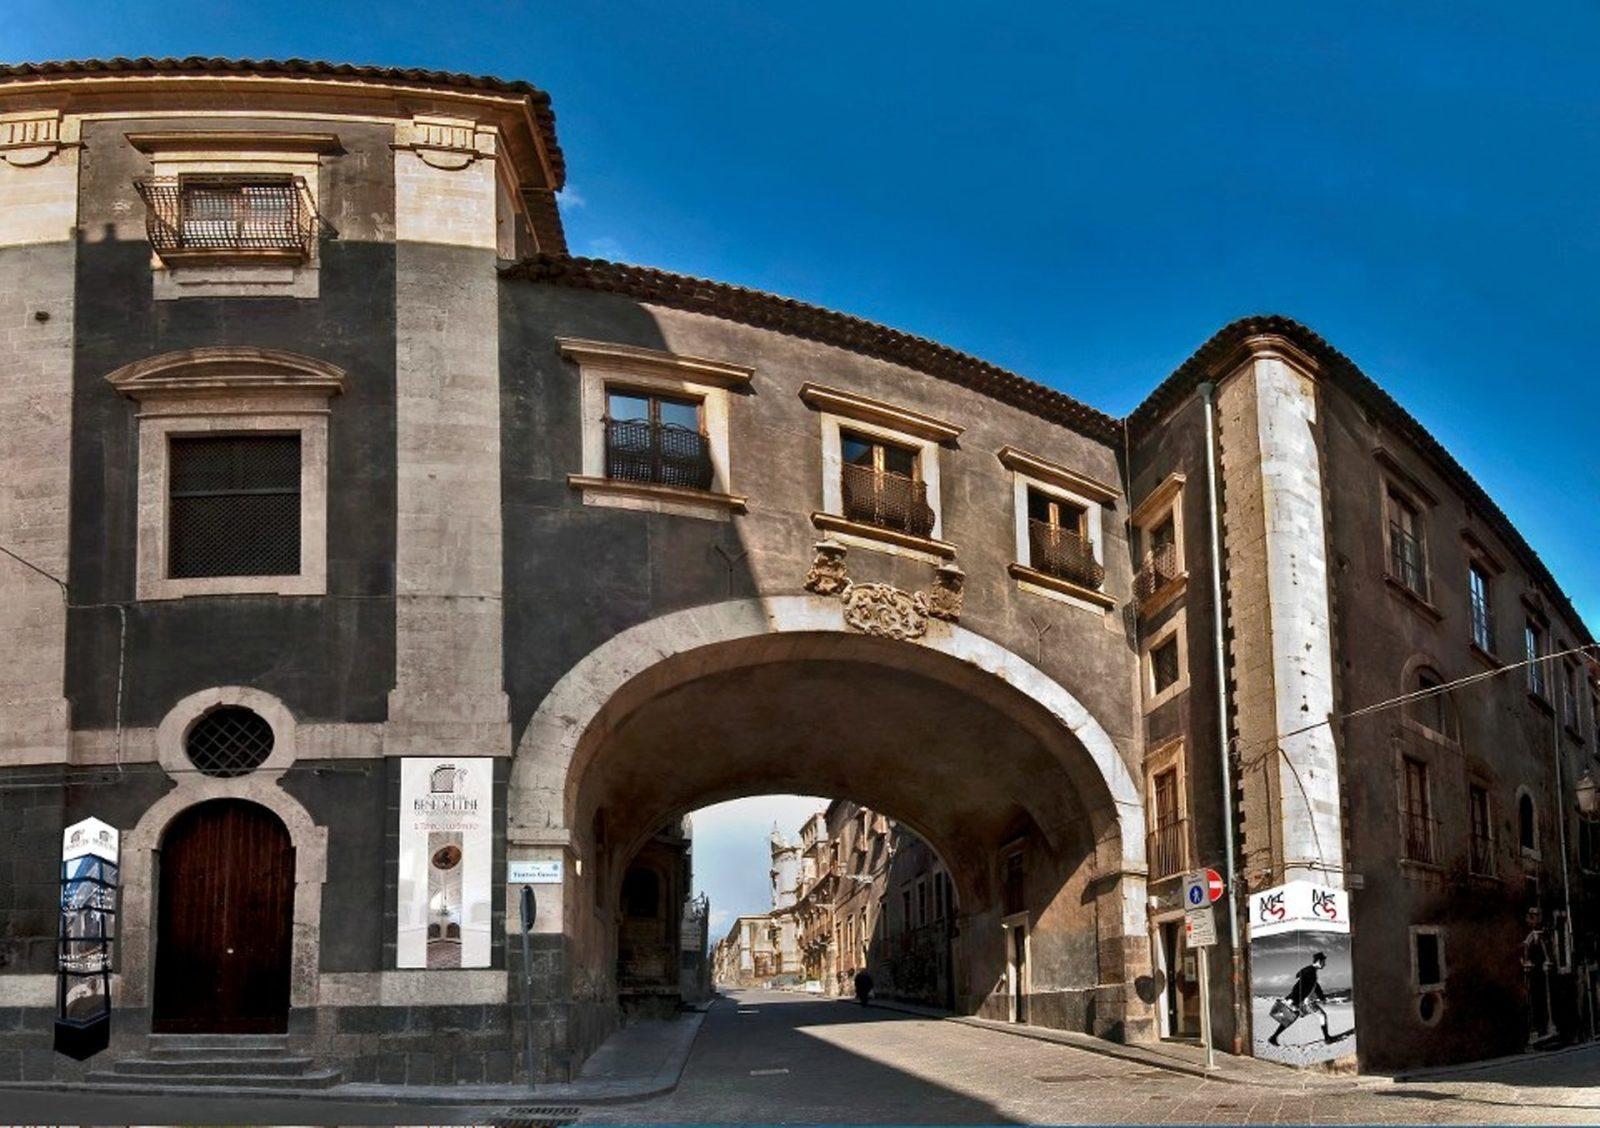 MacS Museo di Arte Contemporanea Sicilia di Catania